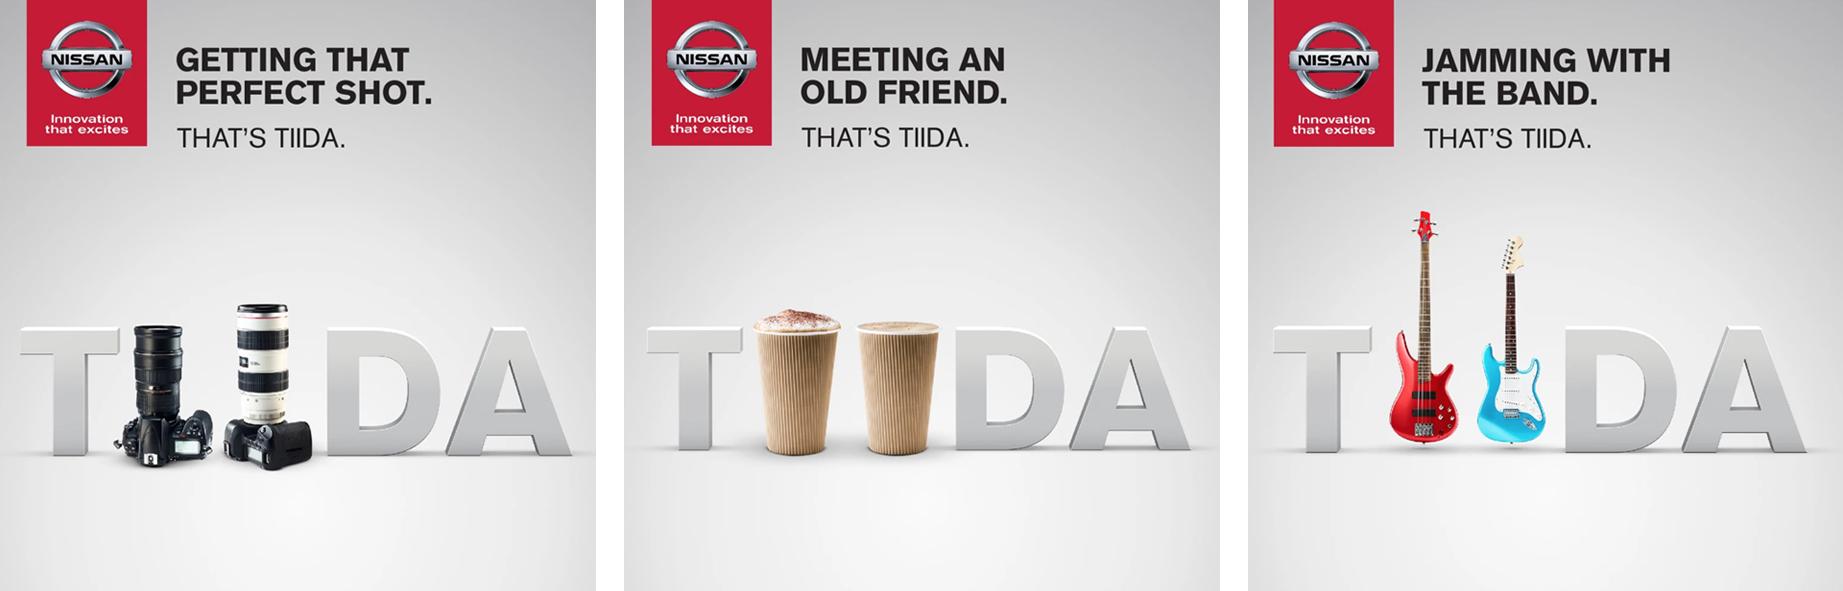 TIIDA-Teasers